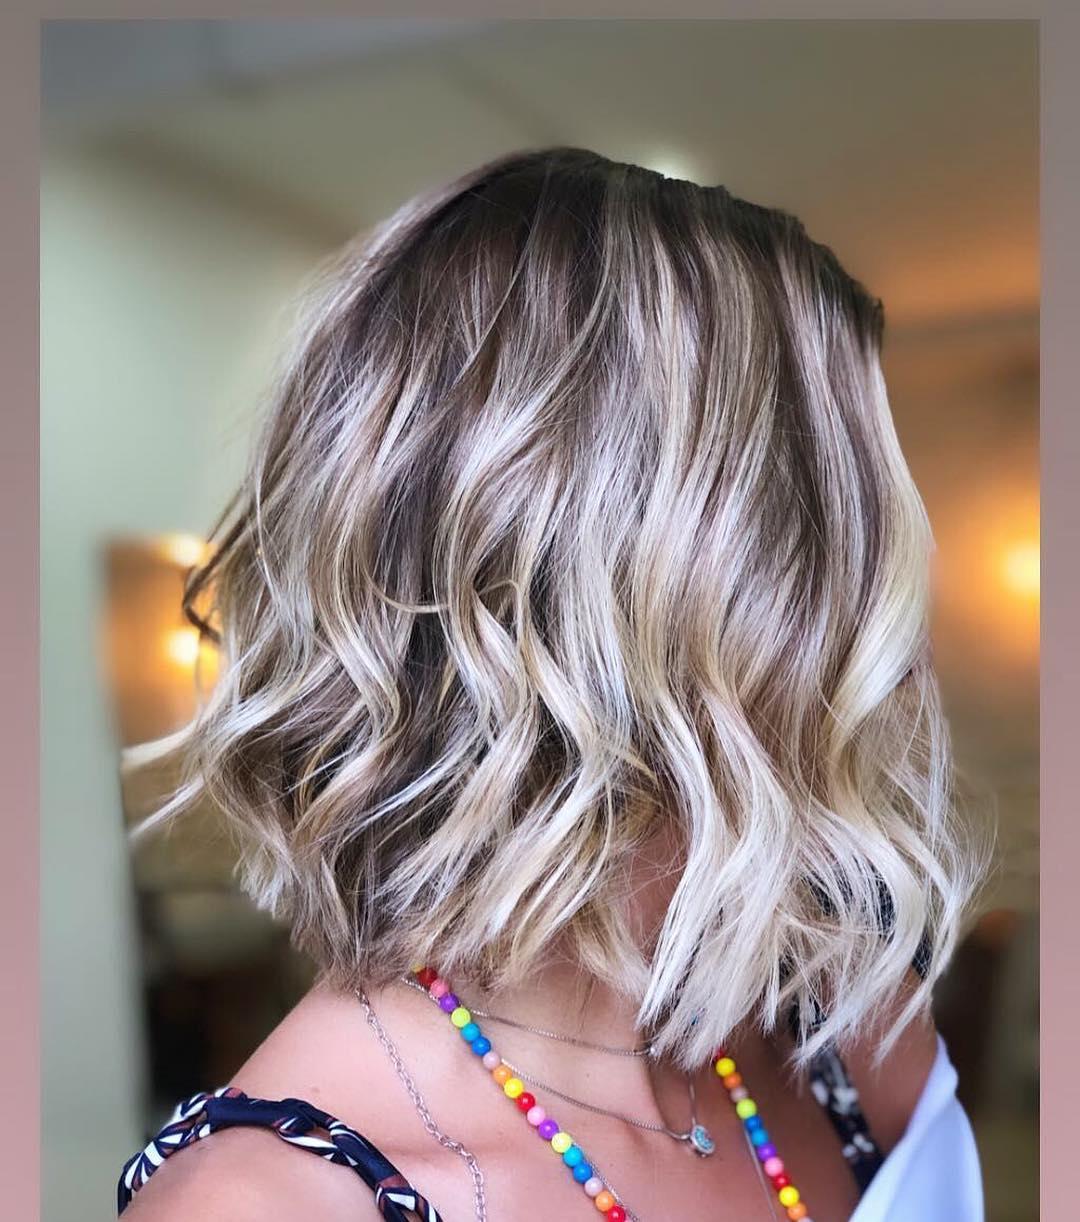 Corte de cabelo chanel 2020